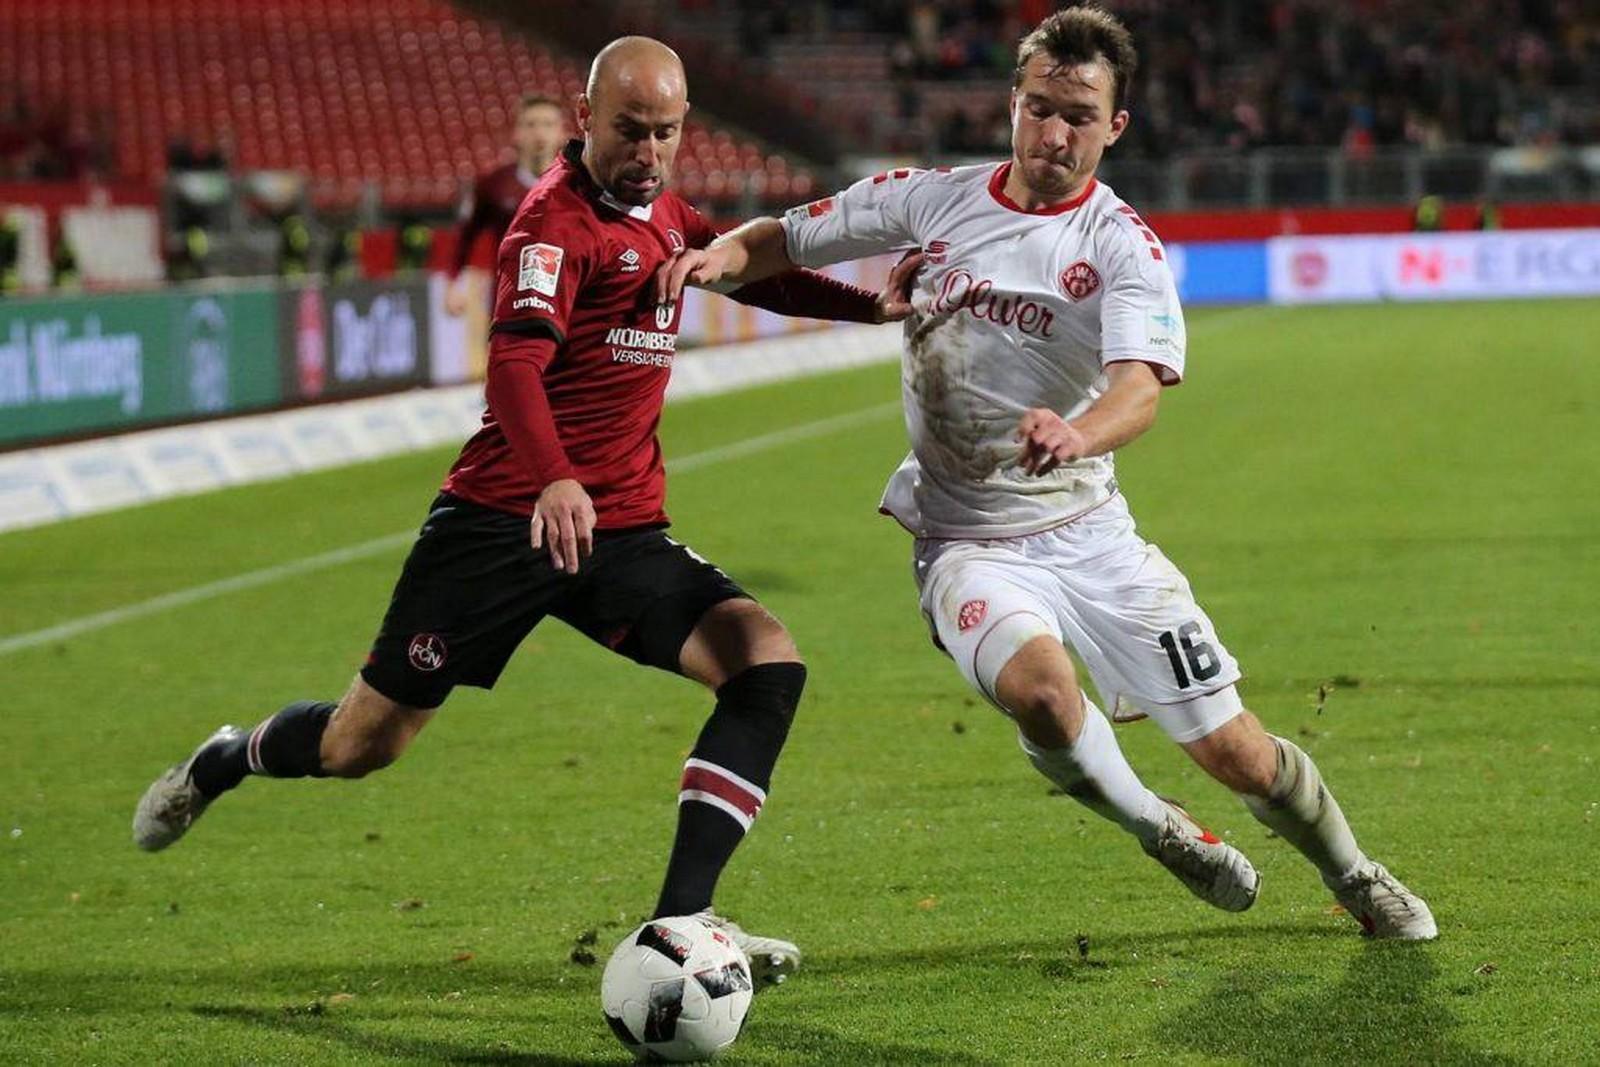 PeterKurzweg im Zweikampf mit Miso Brecko vom 1. FC Nürnberg